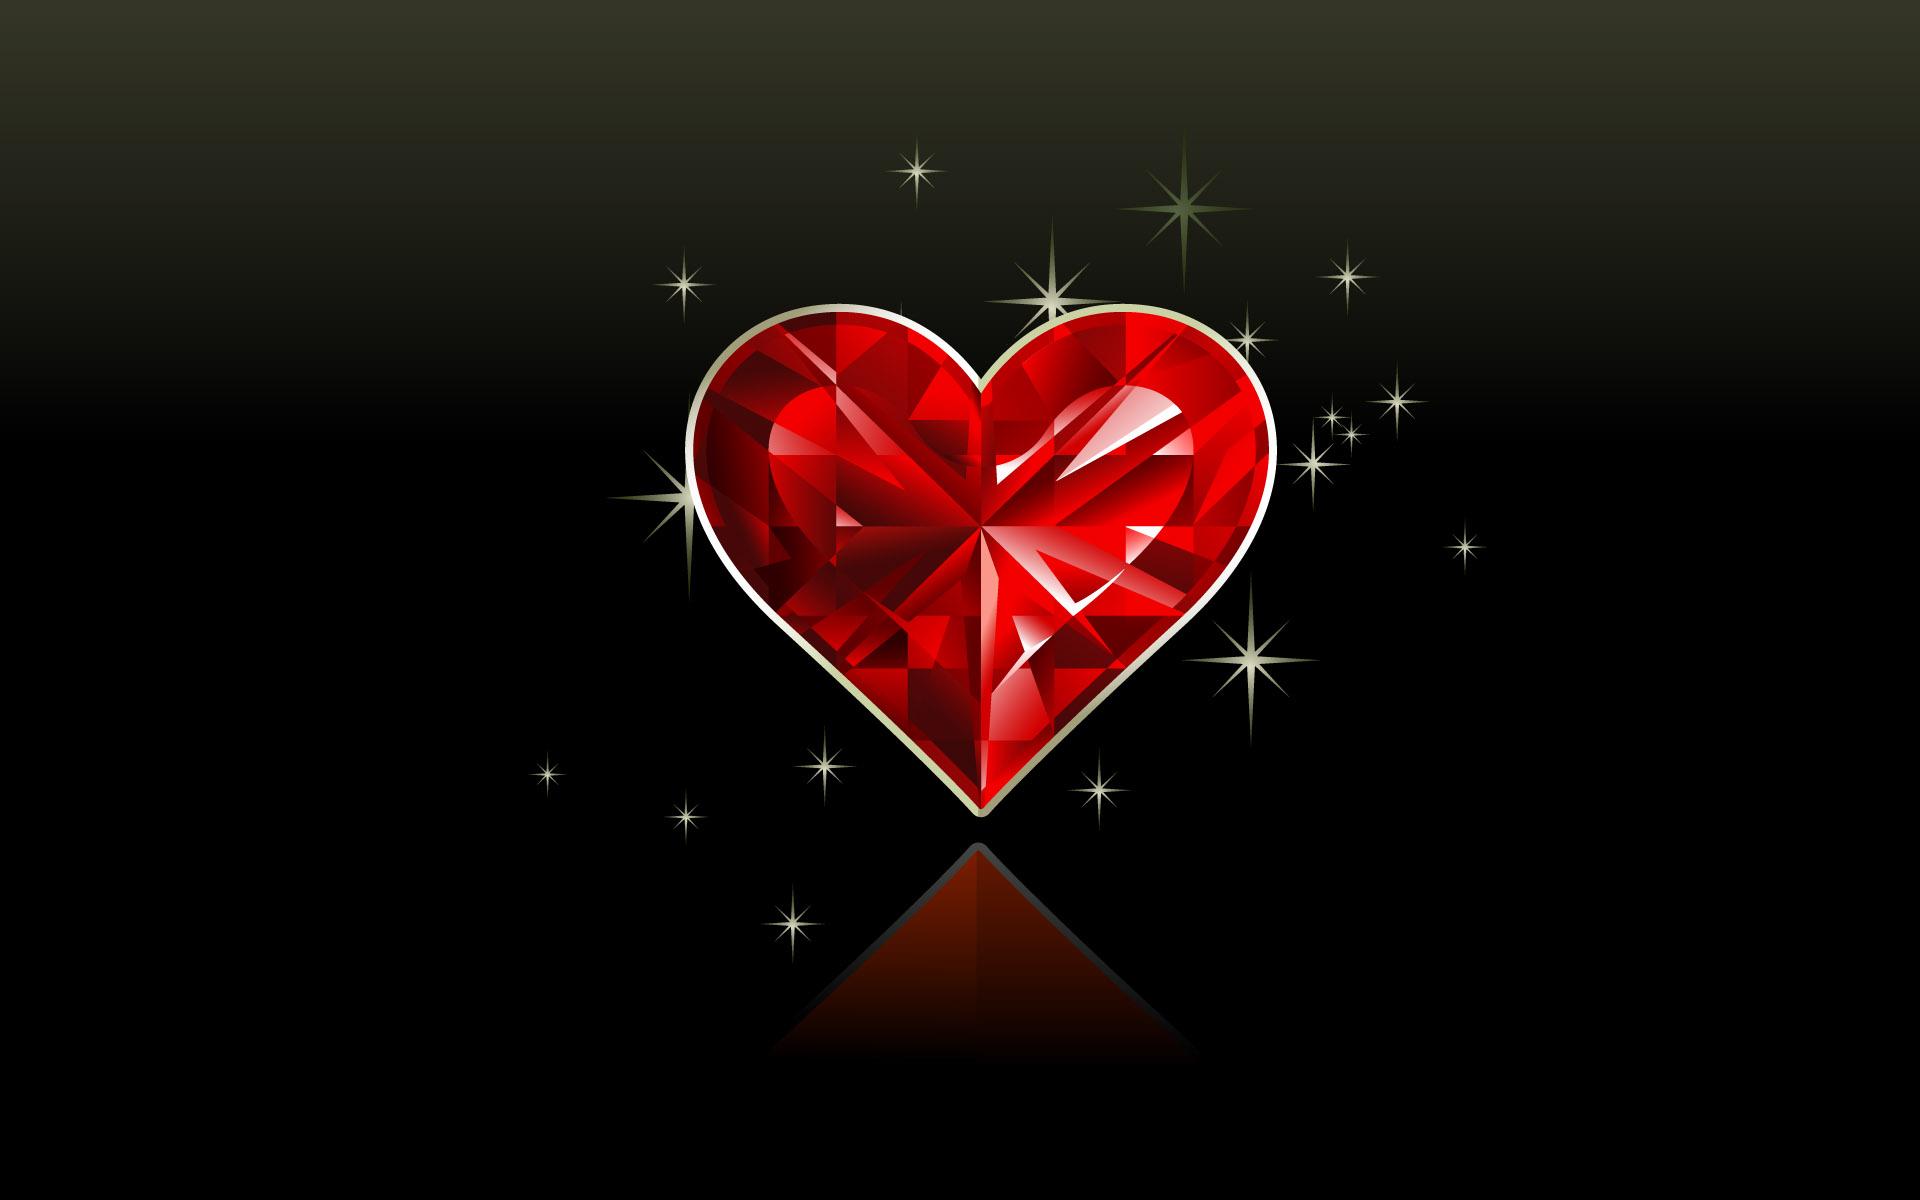 Кристальное сердце, скачать обои для рабочего стола, heart, wallpaper